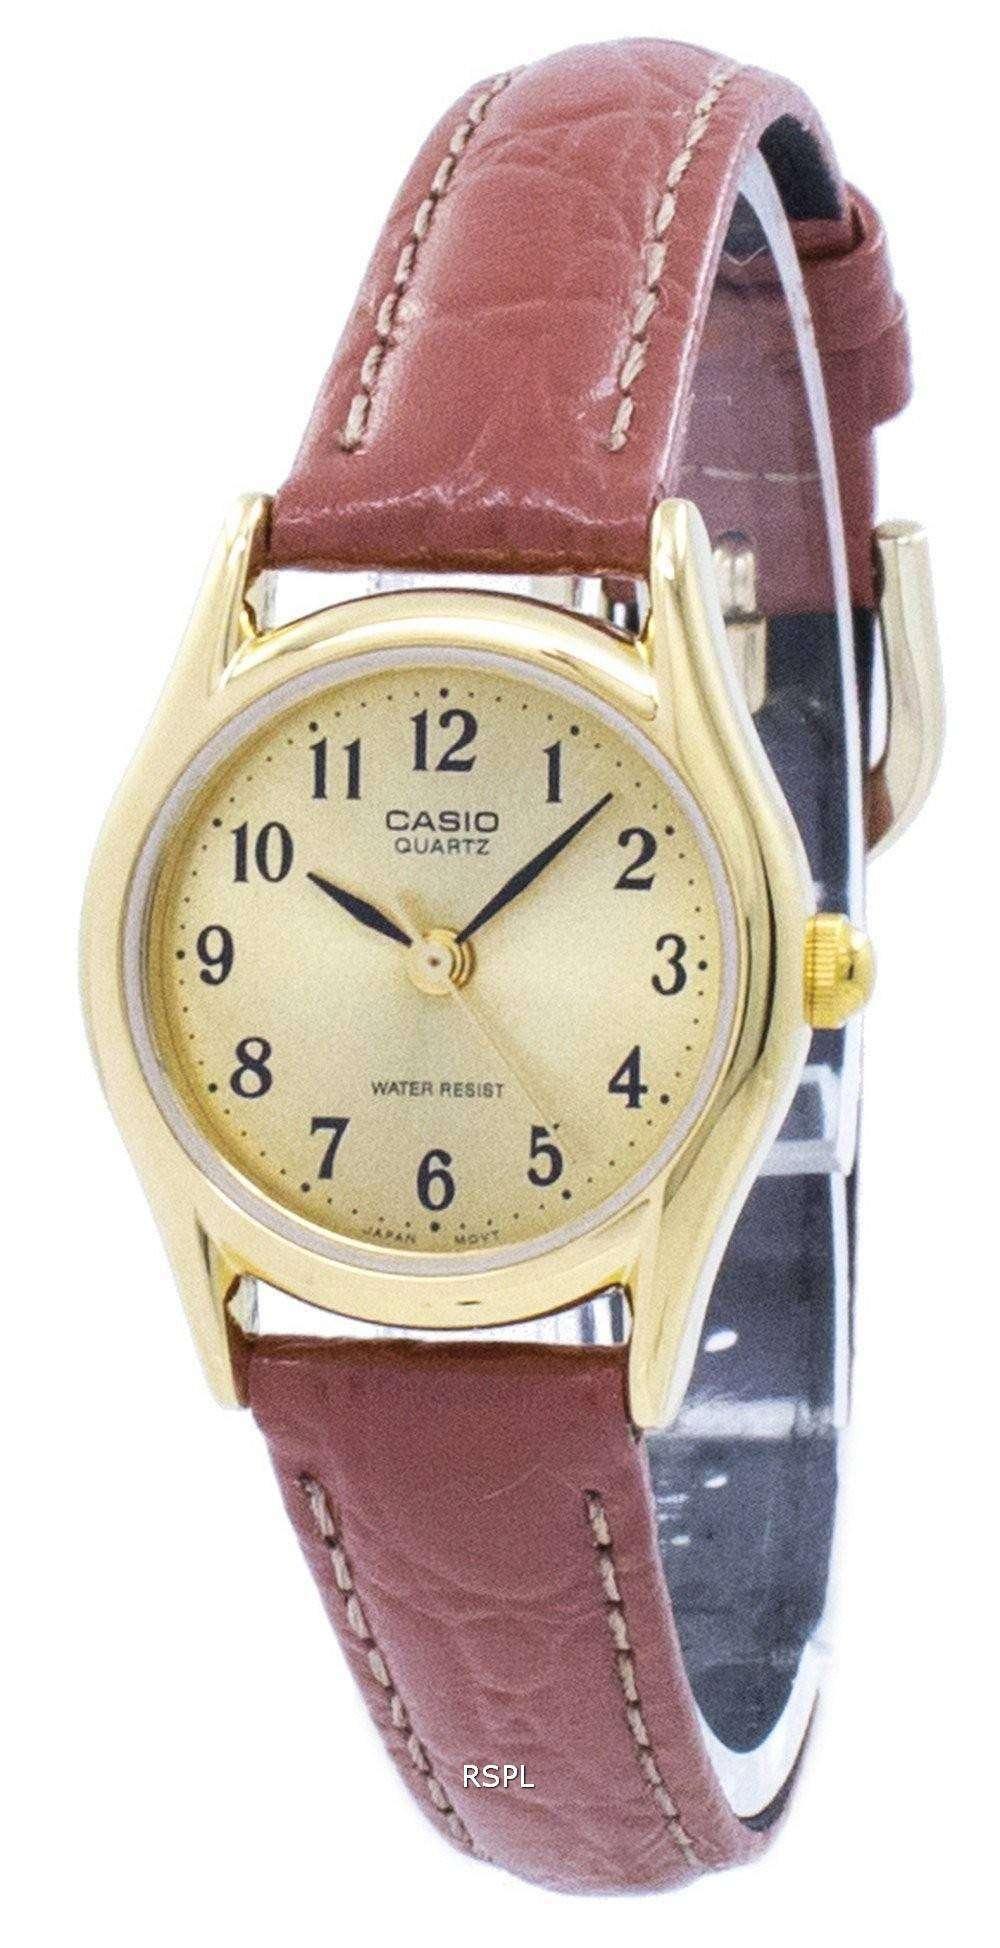 4105b320625f Reloj Casio analógico cuarzo LTP-1094Q-9B LTP1094Q-9B Femenil ...